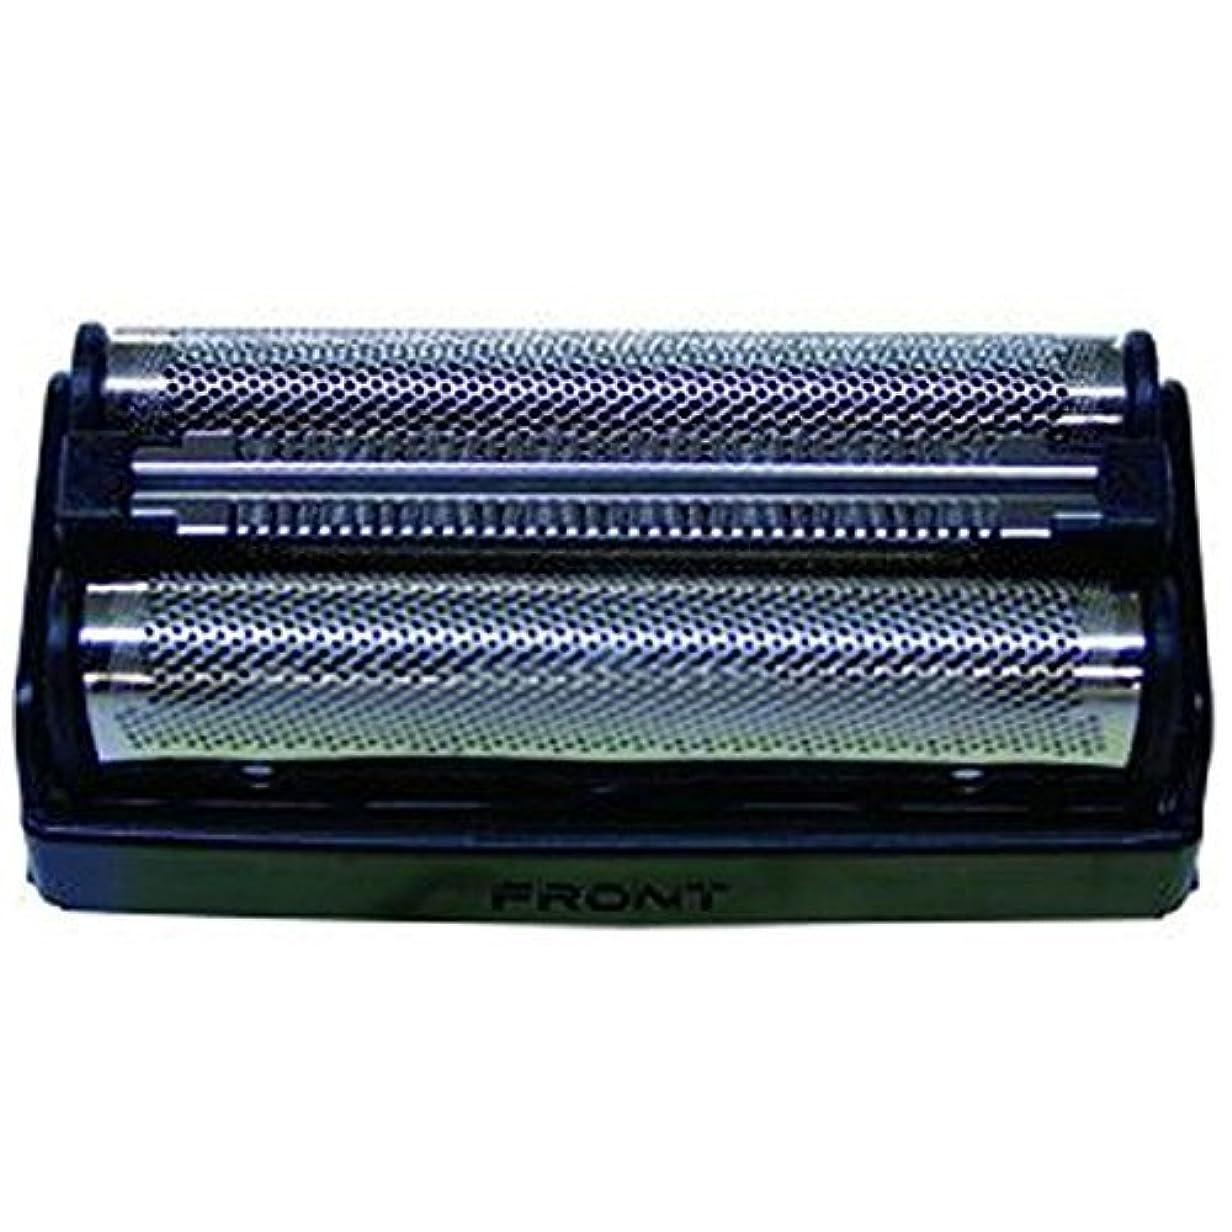 剥離平和的アストロラーベイズミ 交換用替刃(外刃)IZUMI SO-V537